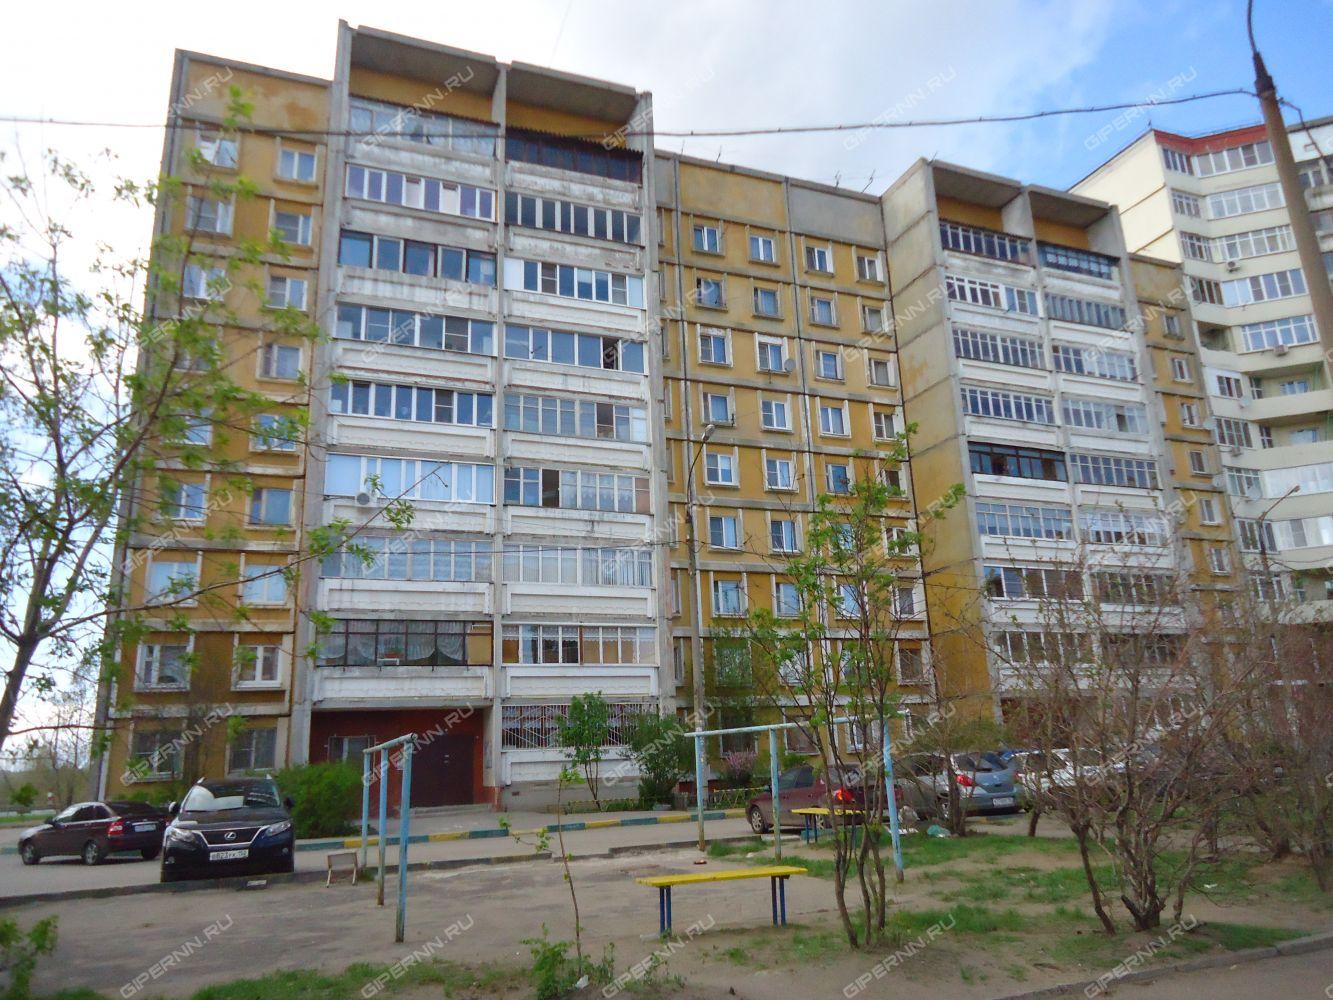 Поиск Коммерческой недвижимости Керченская улица аренда офисов в белгороде на харьковской горе